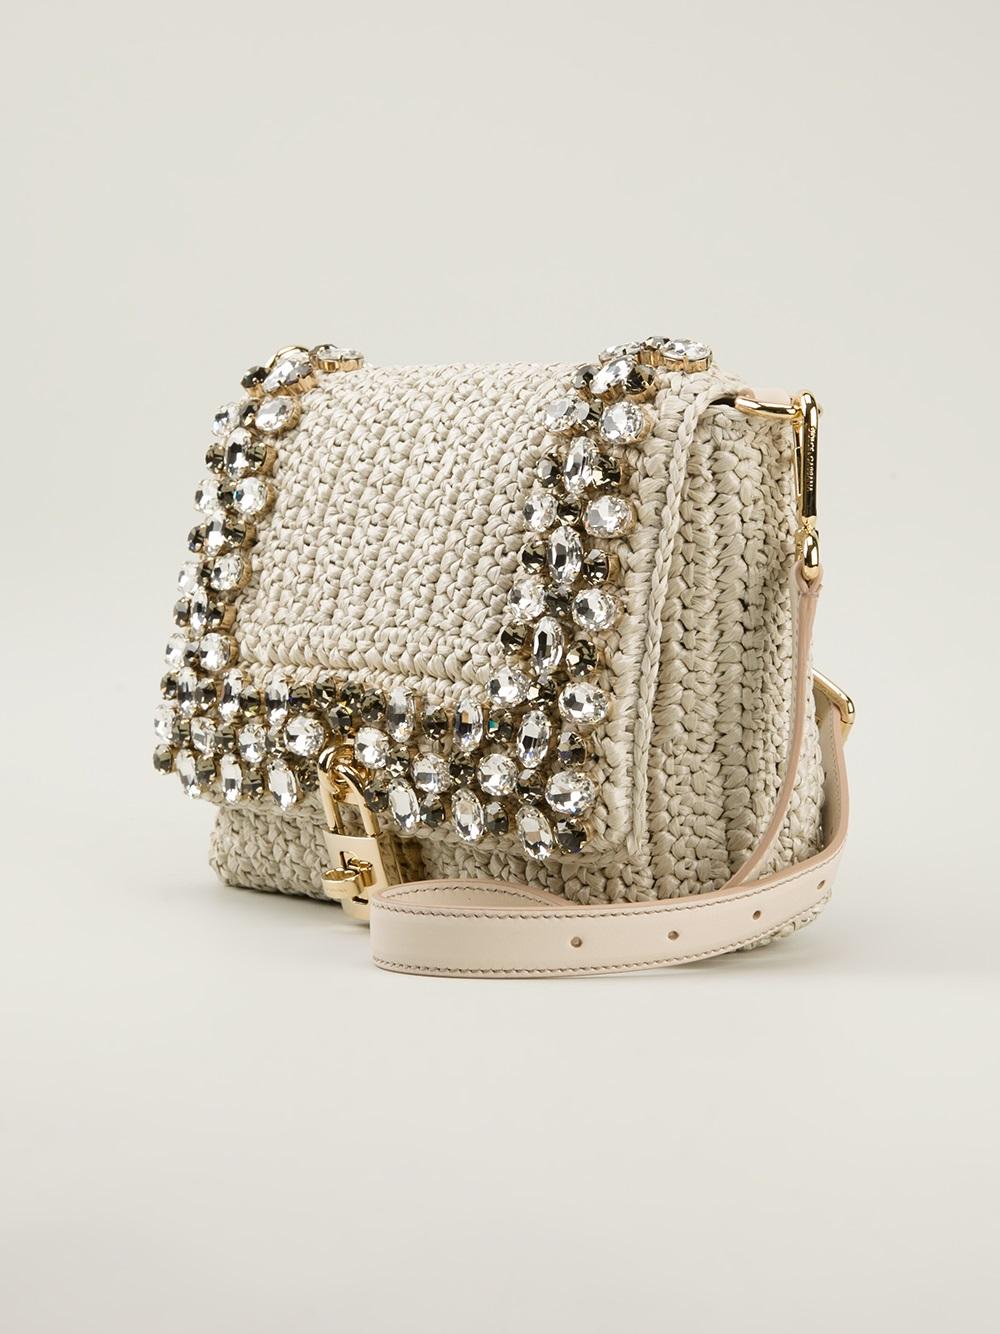 Lyst - Dolce   Gabbana Crystal Embellished Raffia Shoulder Bag in ... 692c7622e85f9